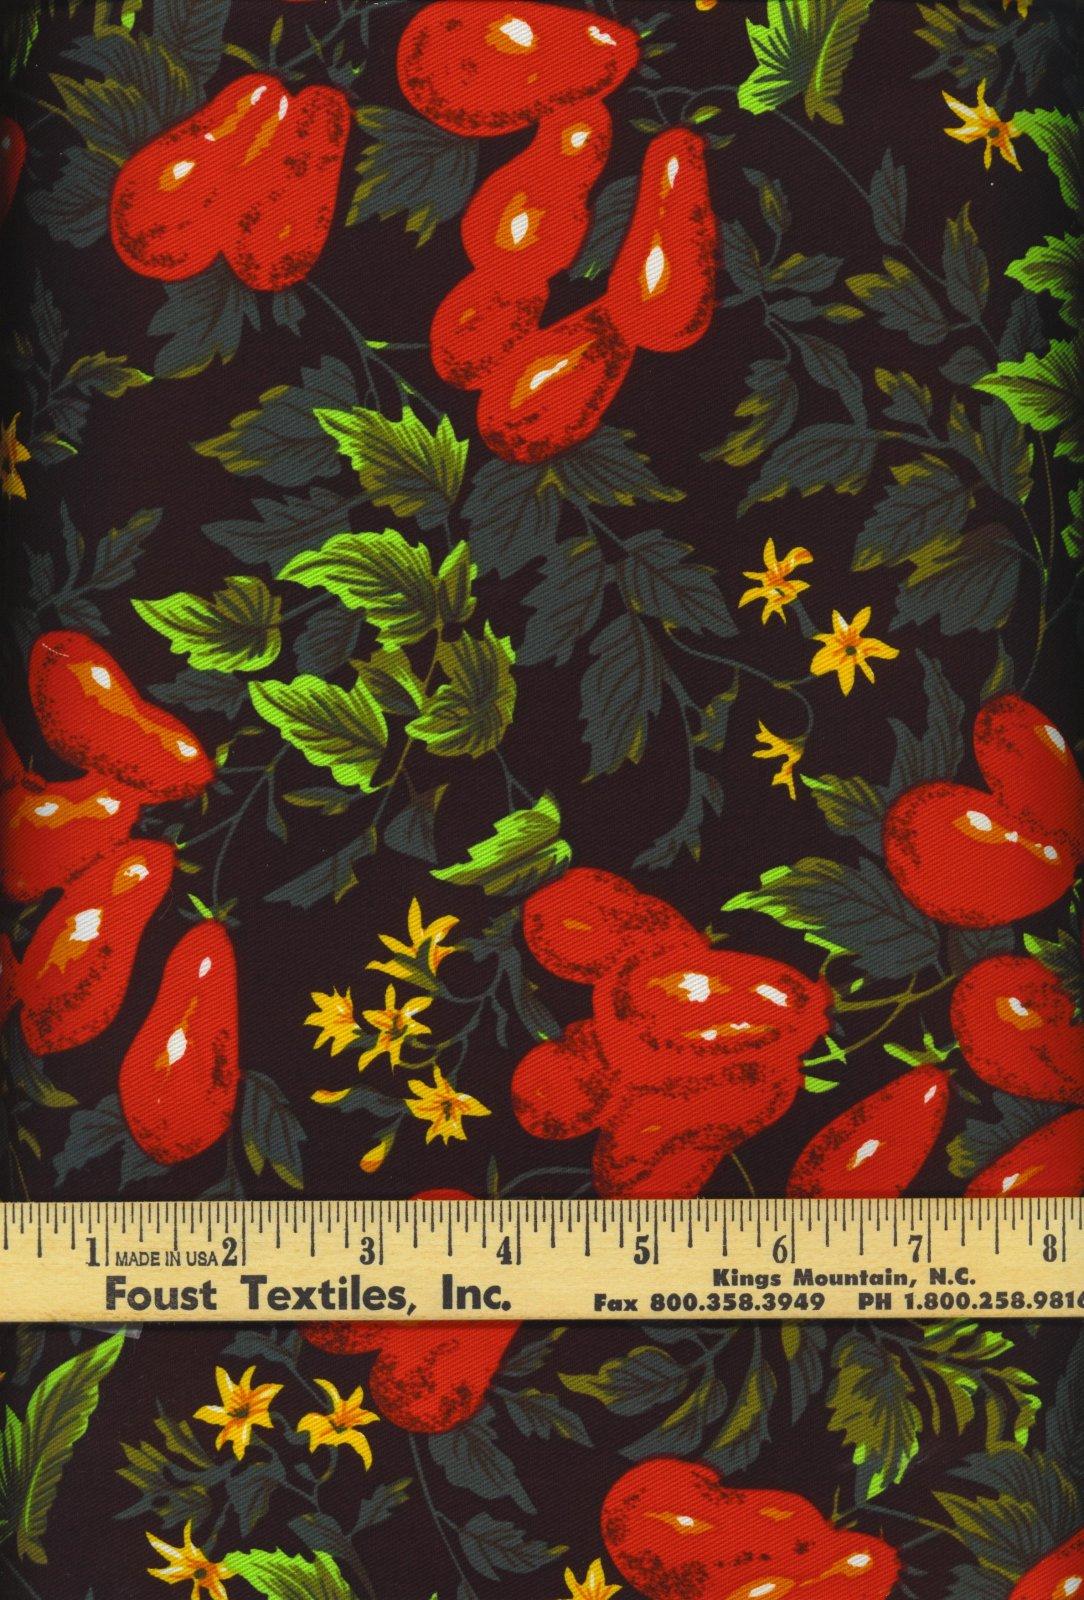 PROMO* FT-60 Twill Print-Roma Tomato